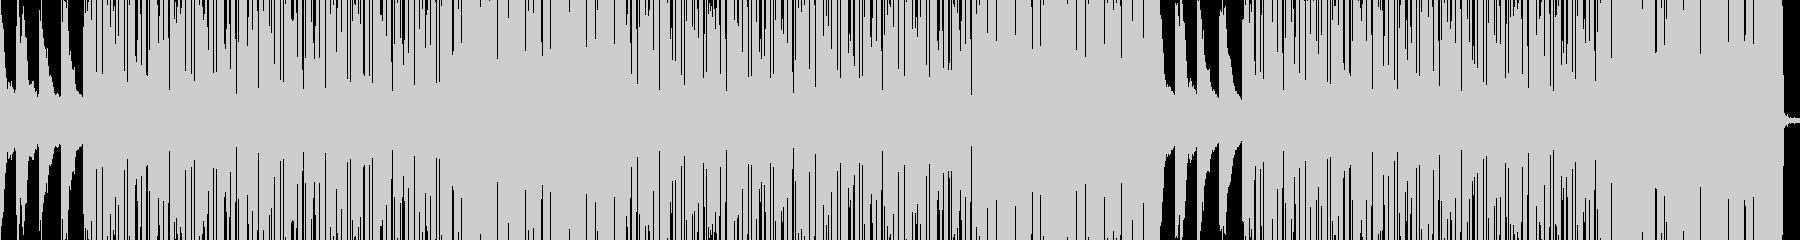 ピアノとフルートが印象的なヒップホップの未再生の波形